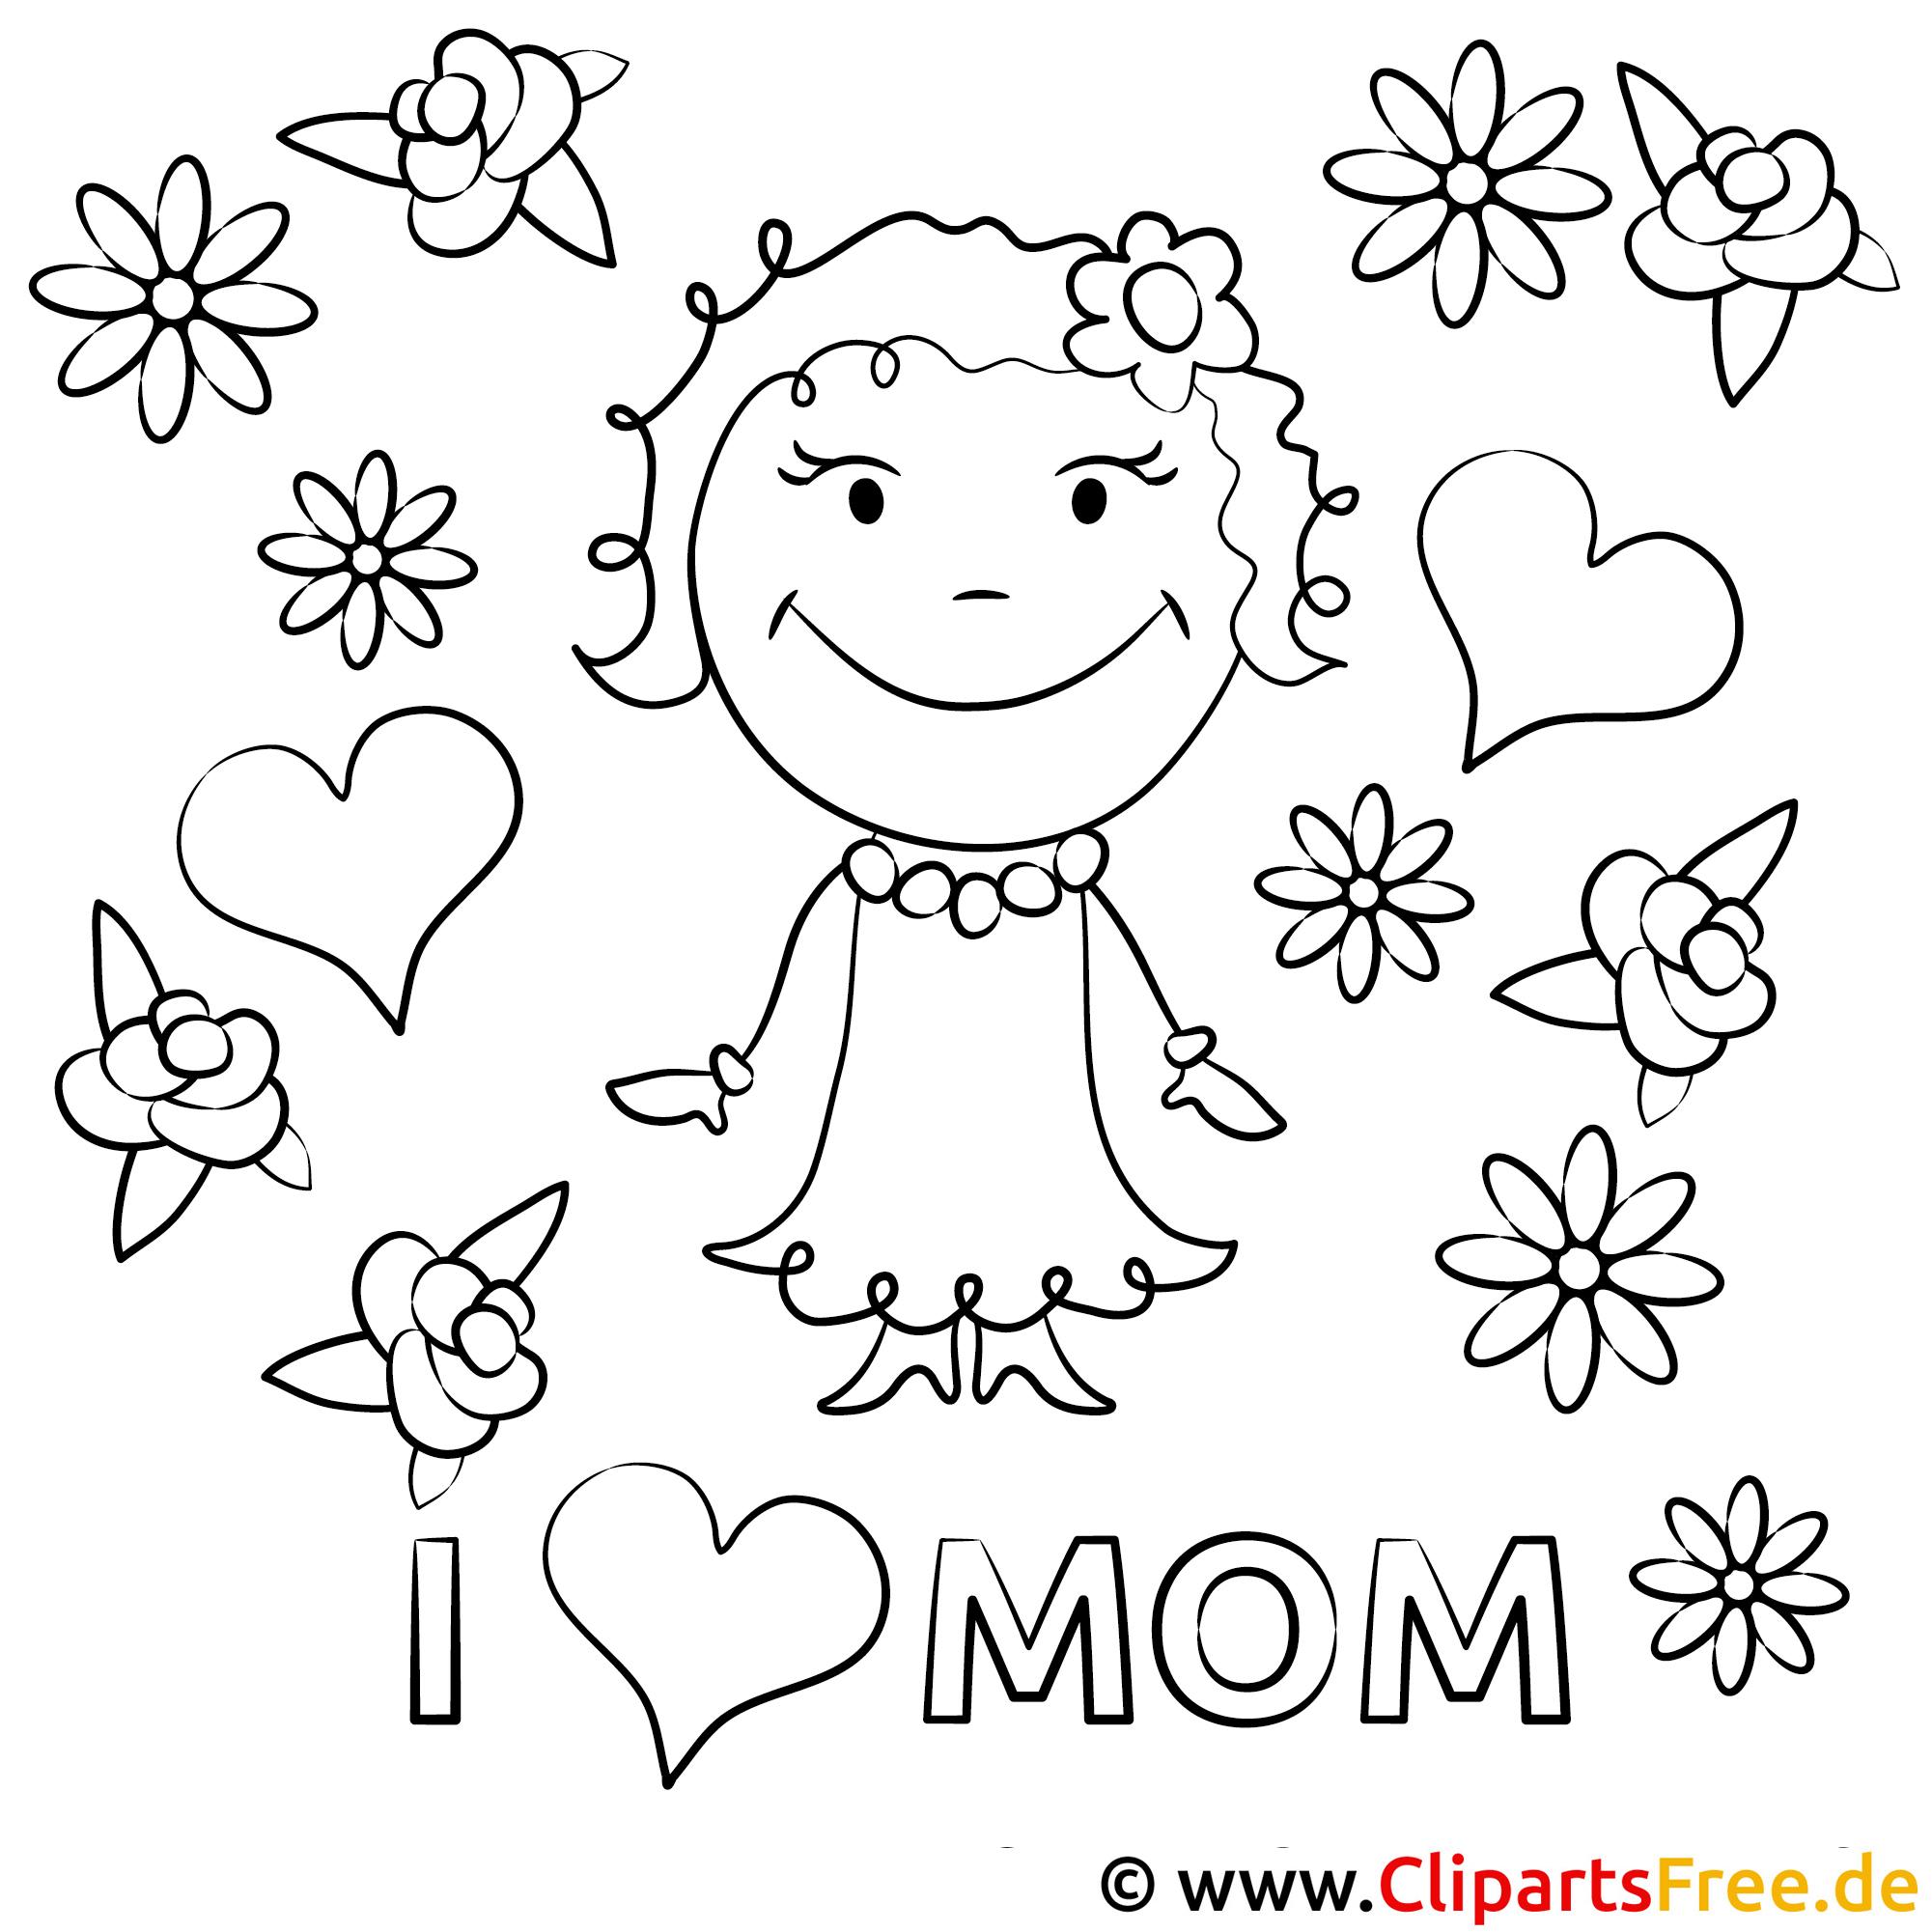 Malvorlagen Geburtstag Mama My Blog